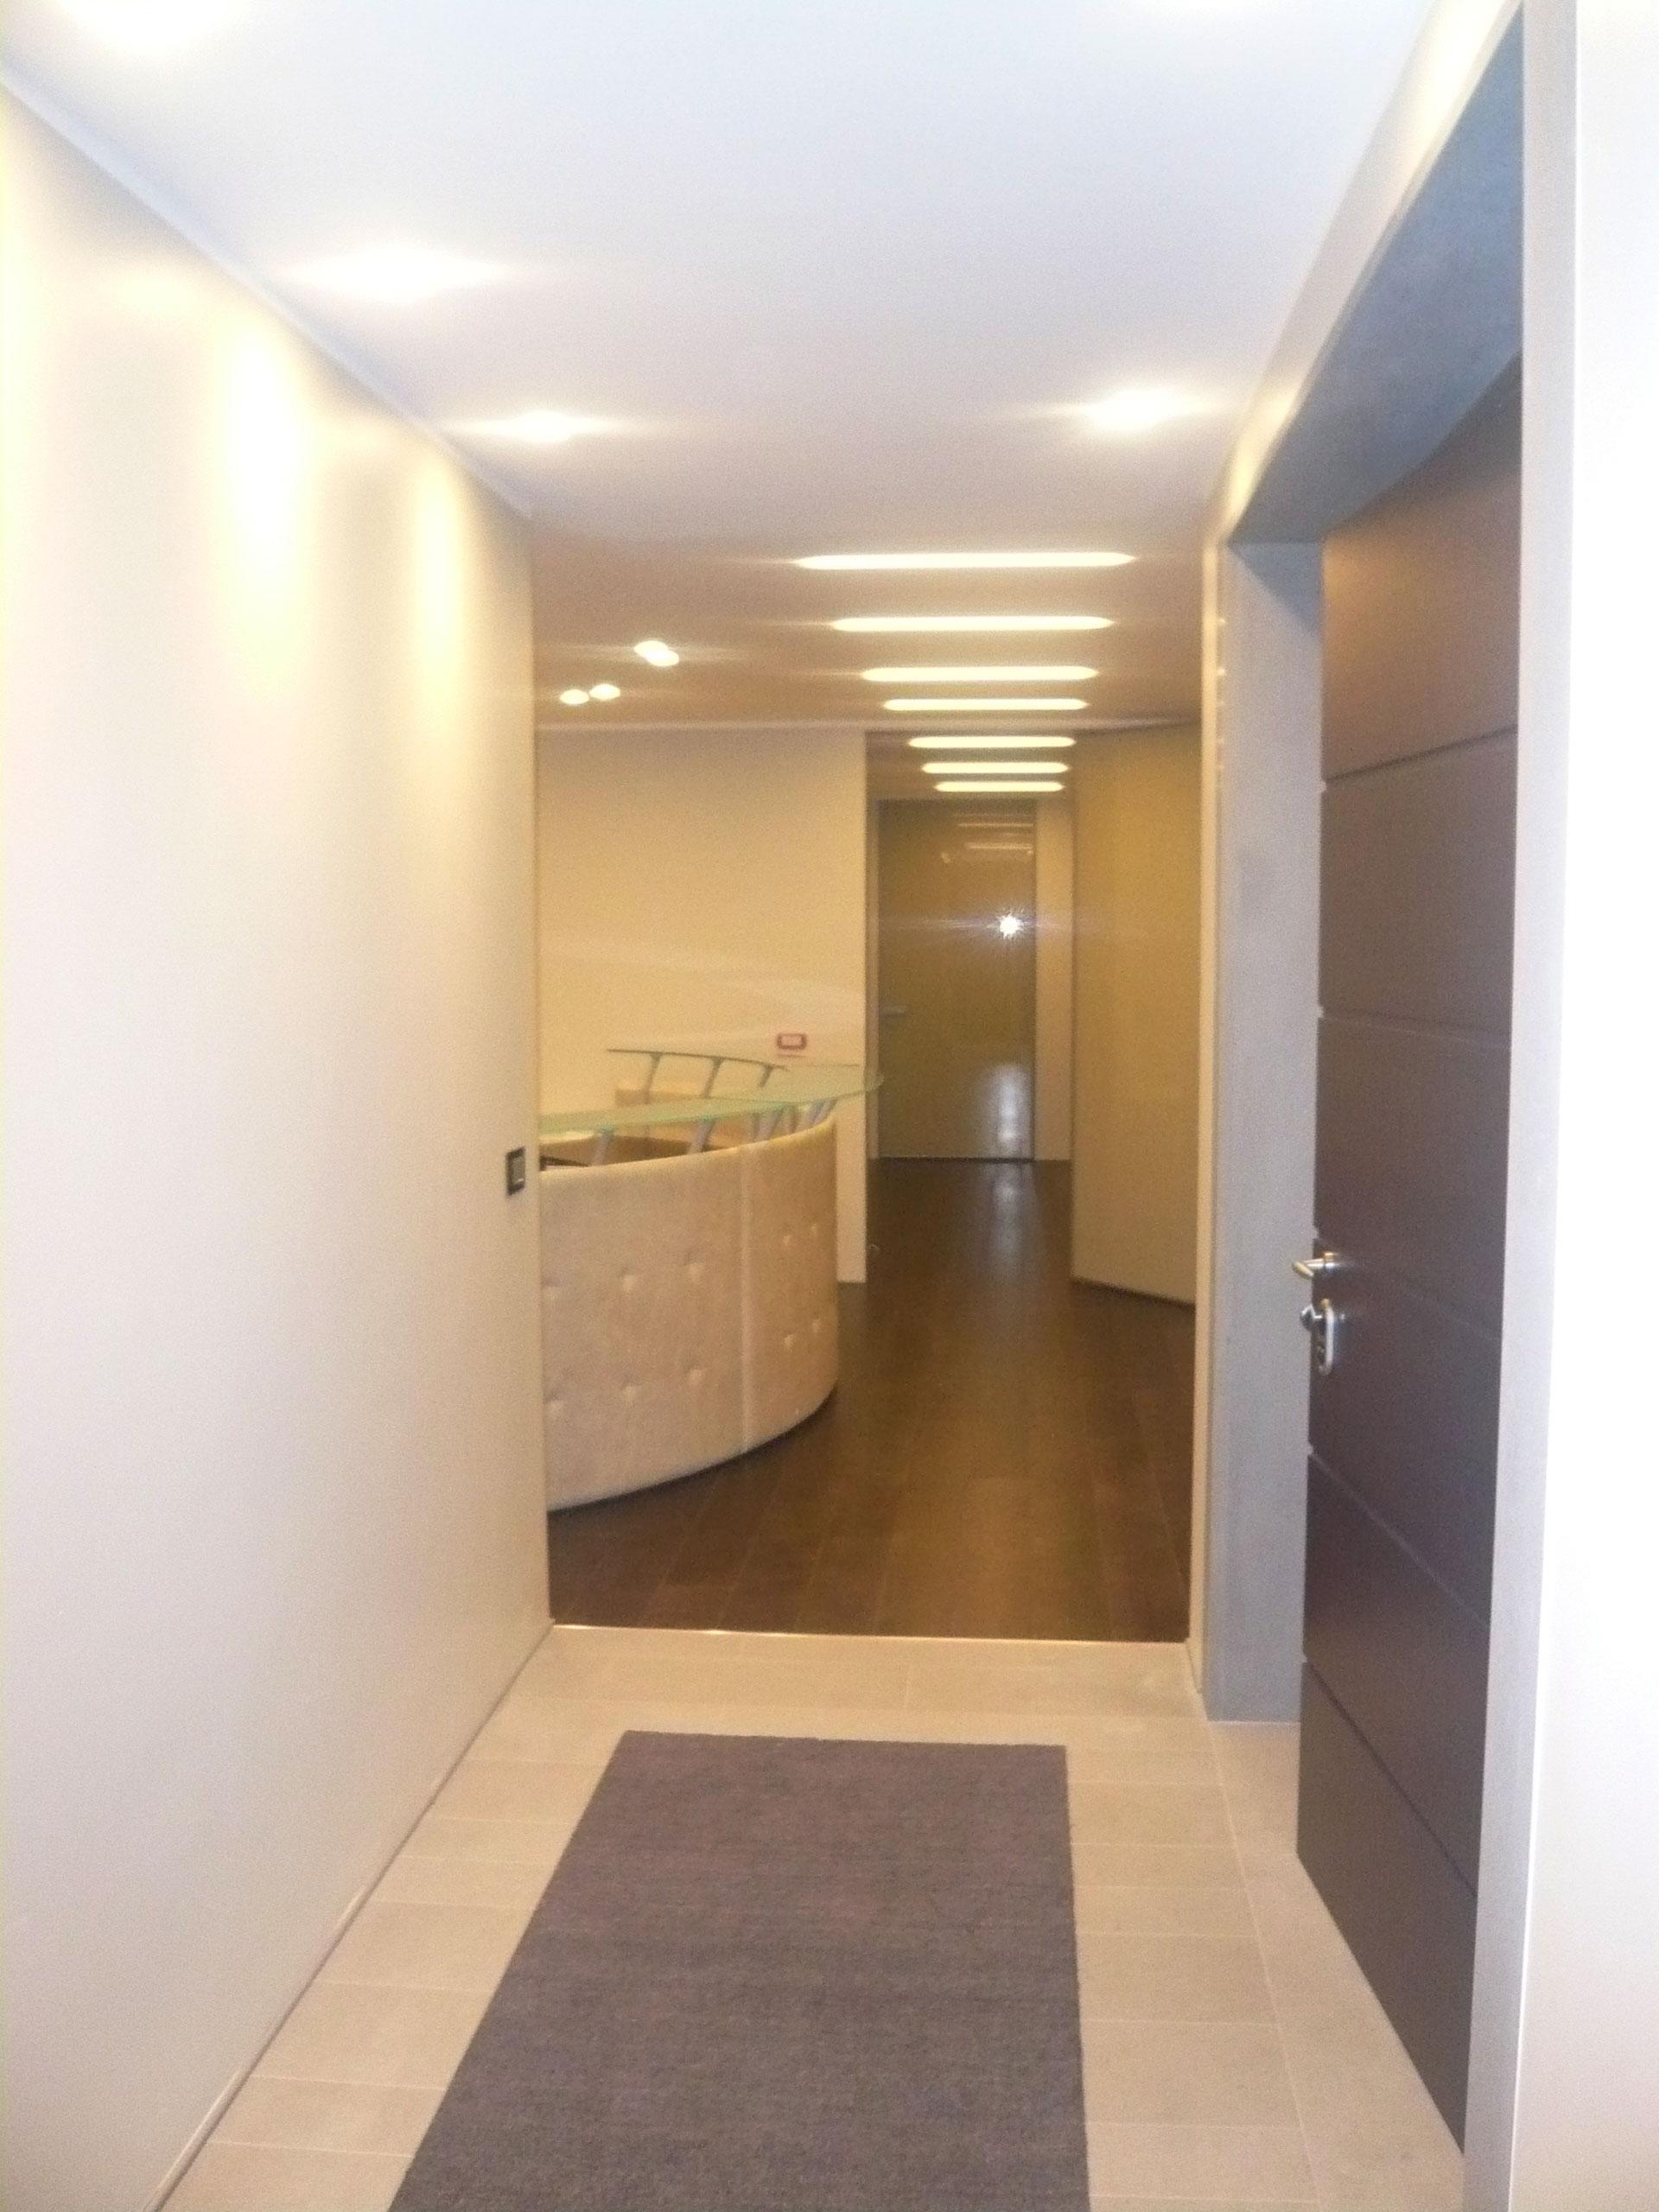 Interior design ufficio 3 tecnoin for Interior design ufficio